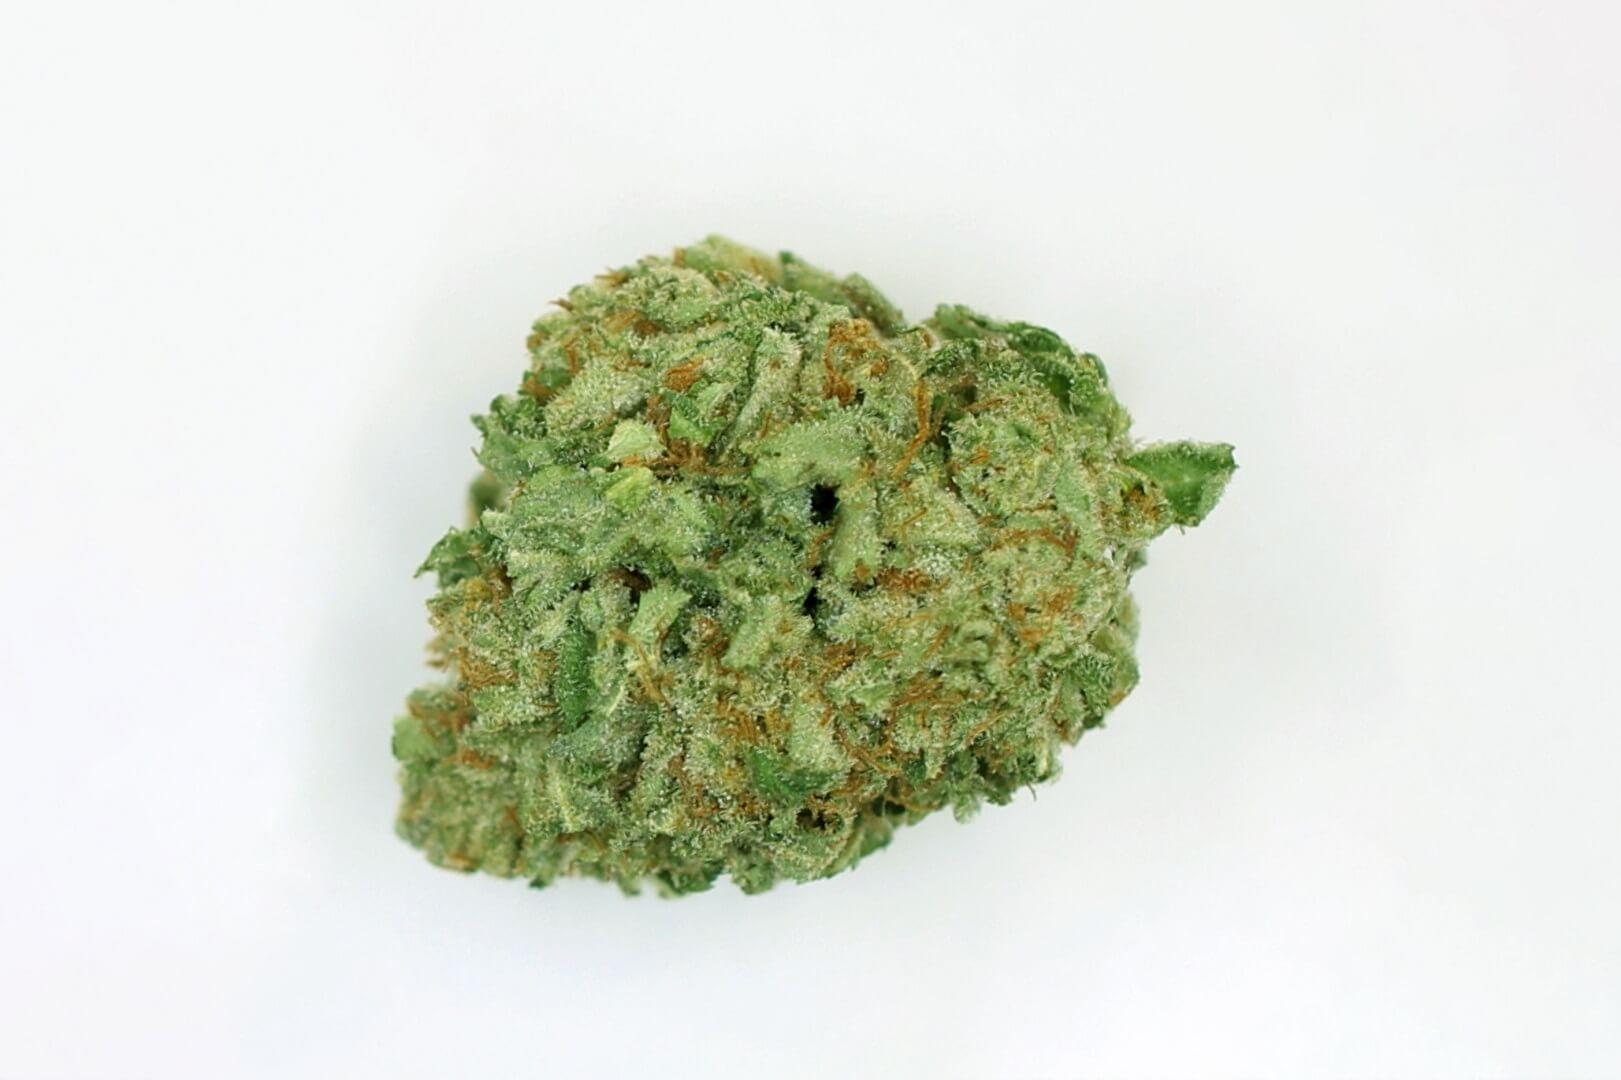 Key Lime Pie (Key Lime GSC) strain photo 1